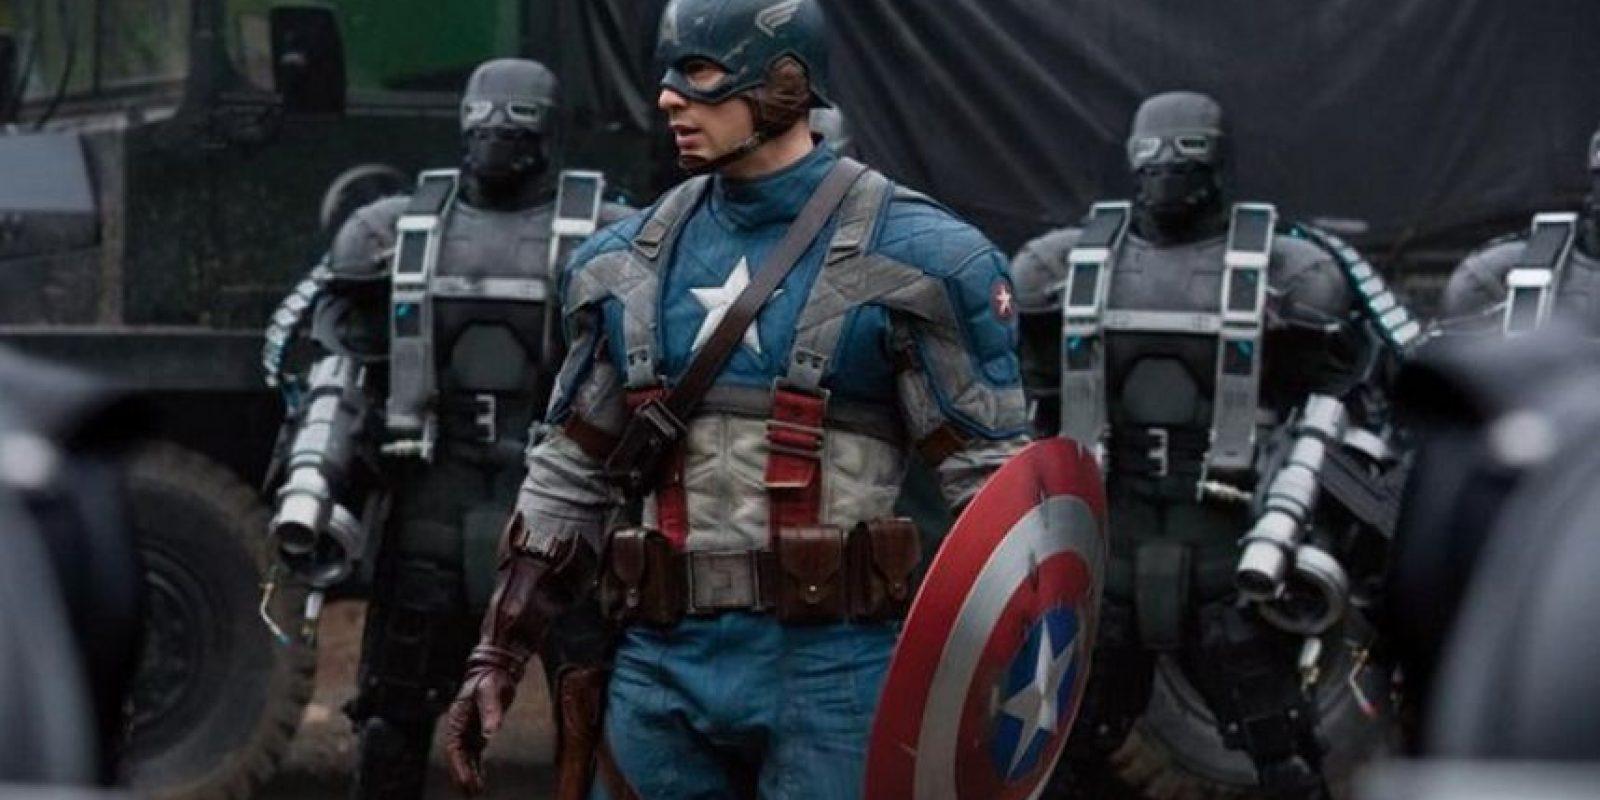 Los rumores apuntan a que el deceso ocurrirá al inicio de la película. Foto:Marvel